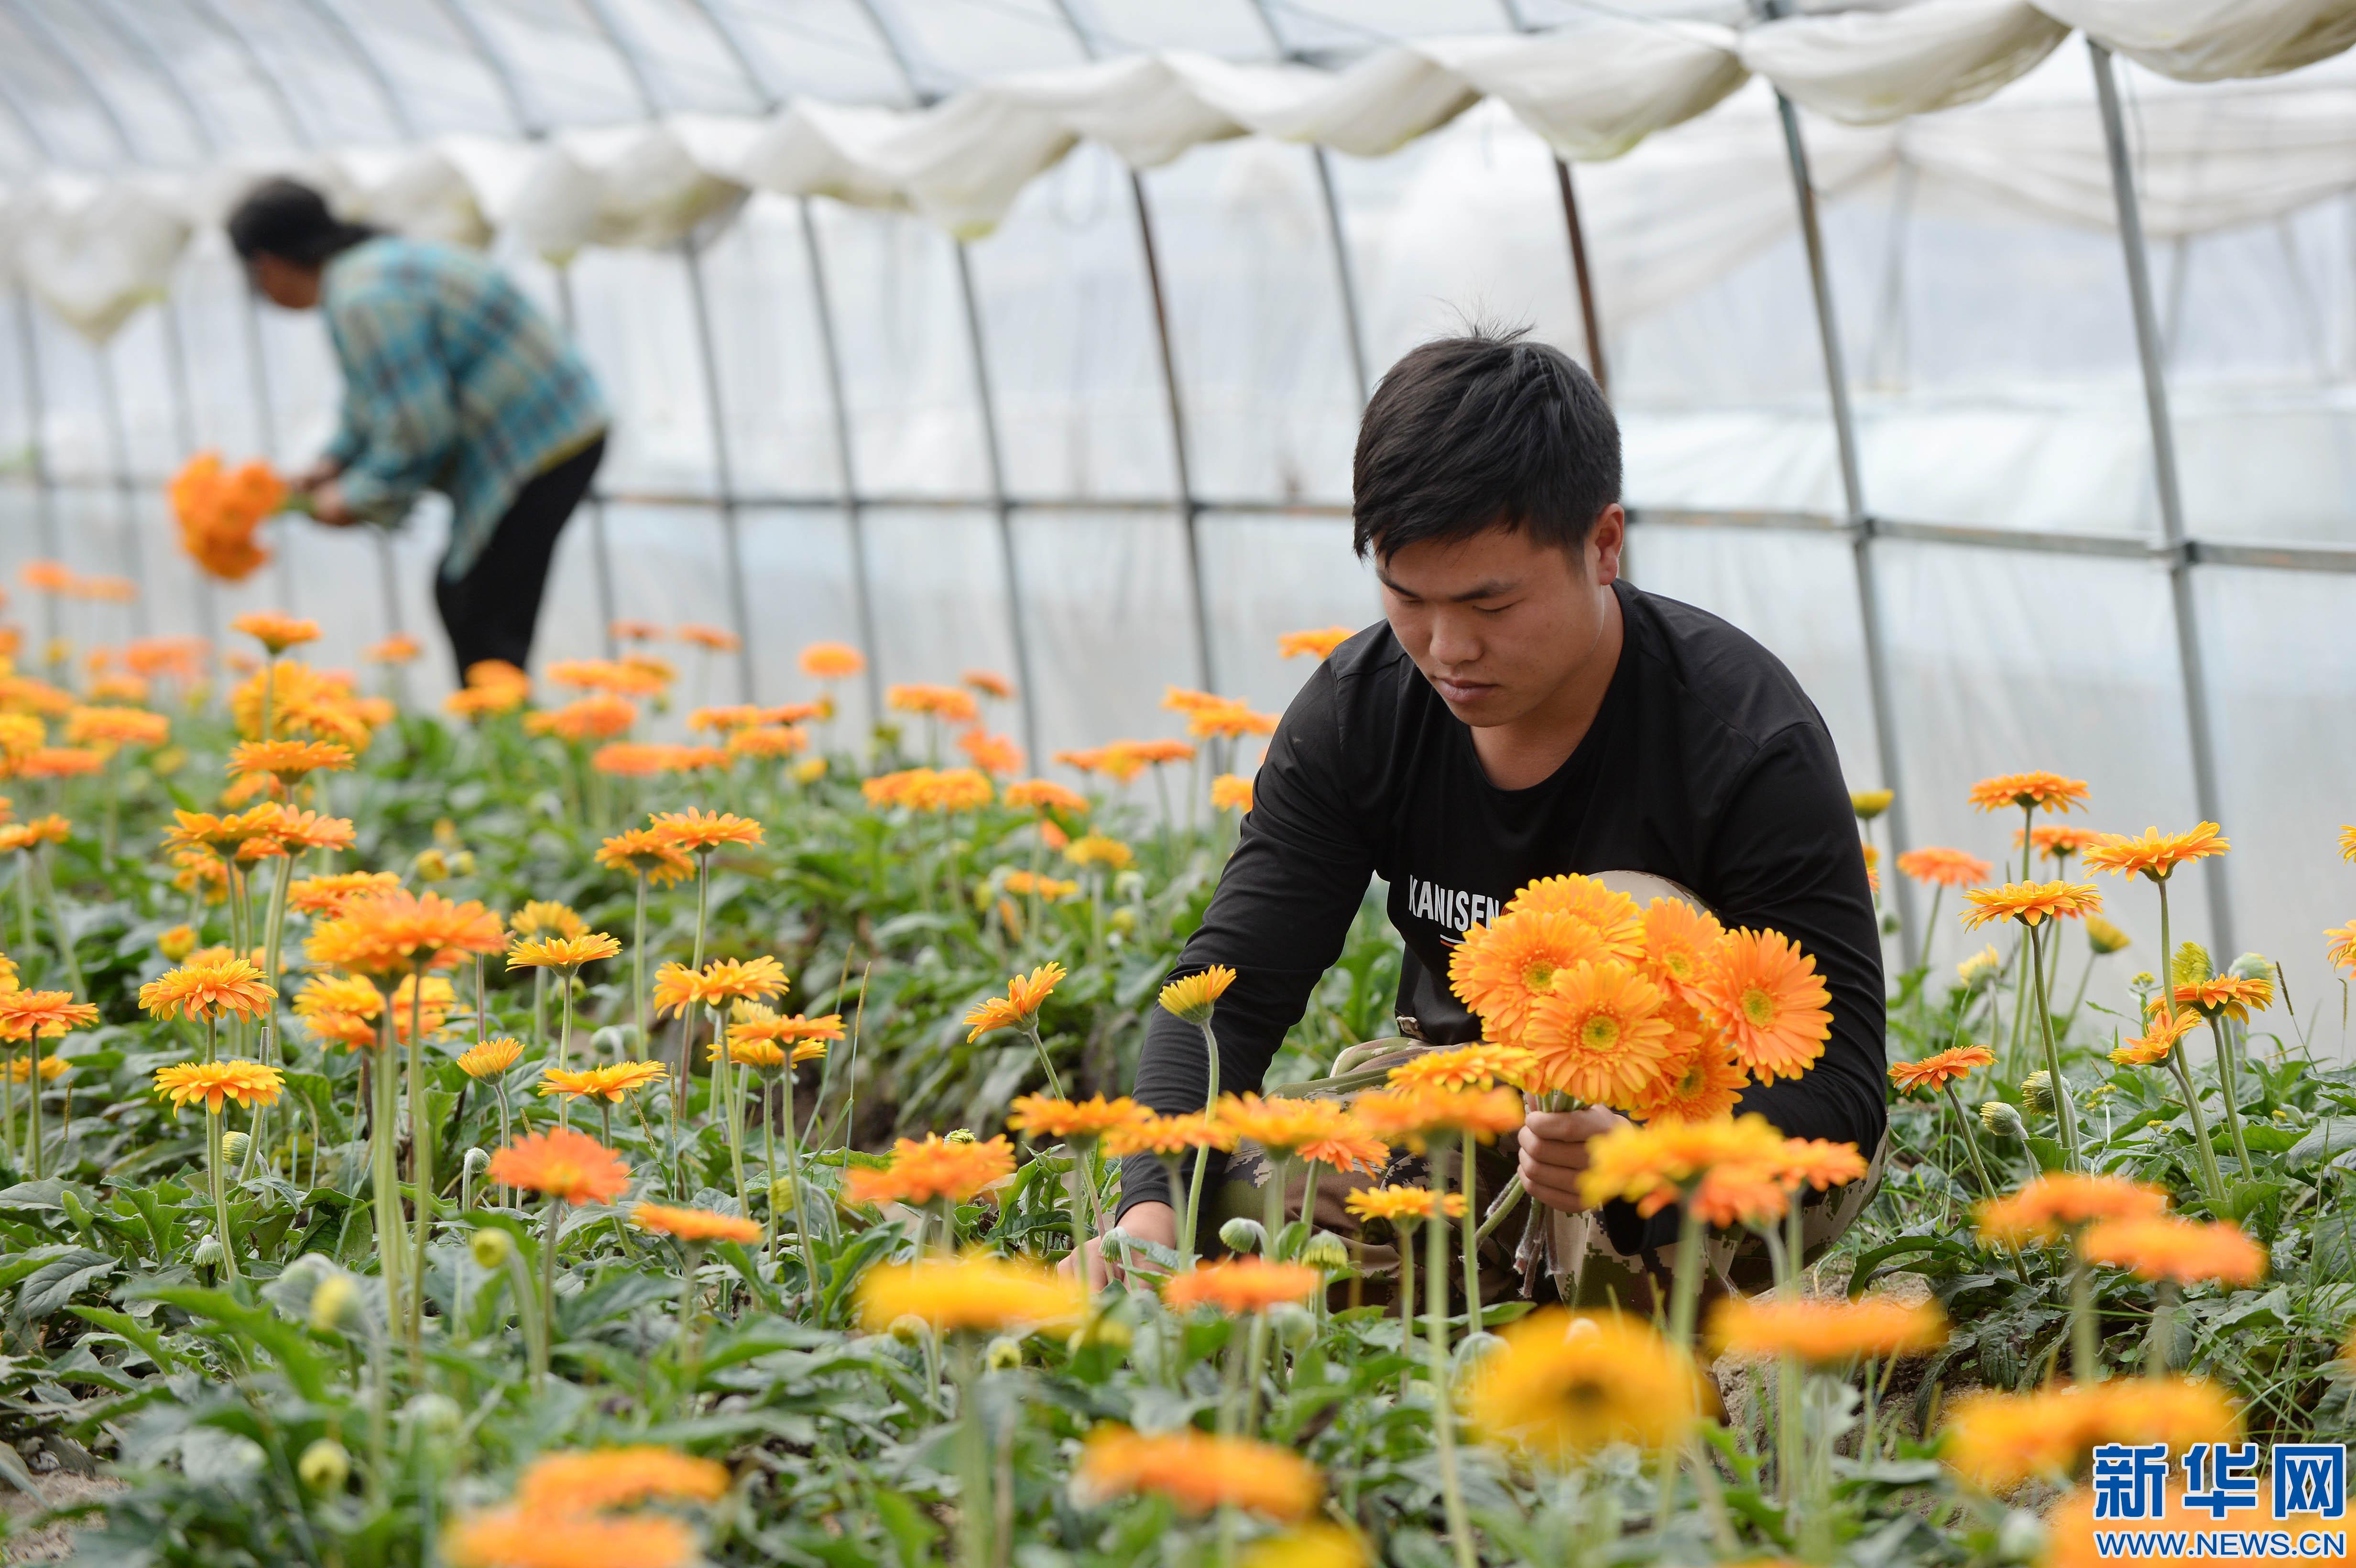 多彩非洲菊 产业富农家